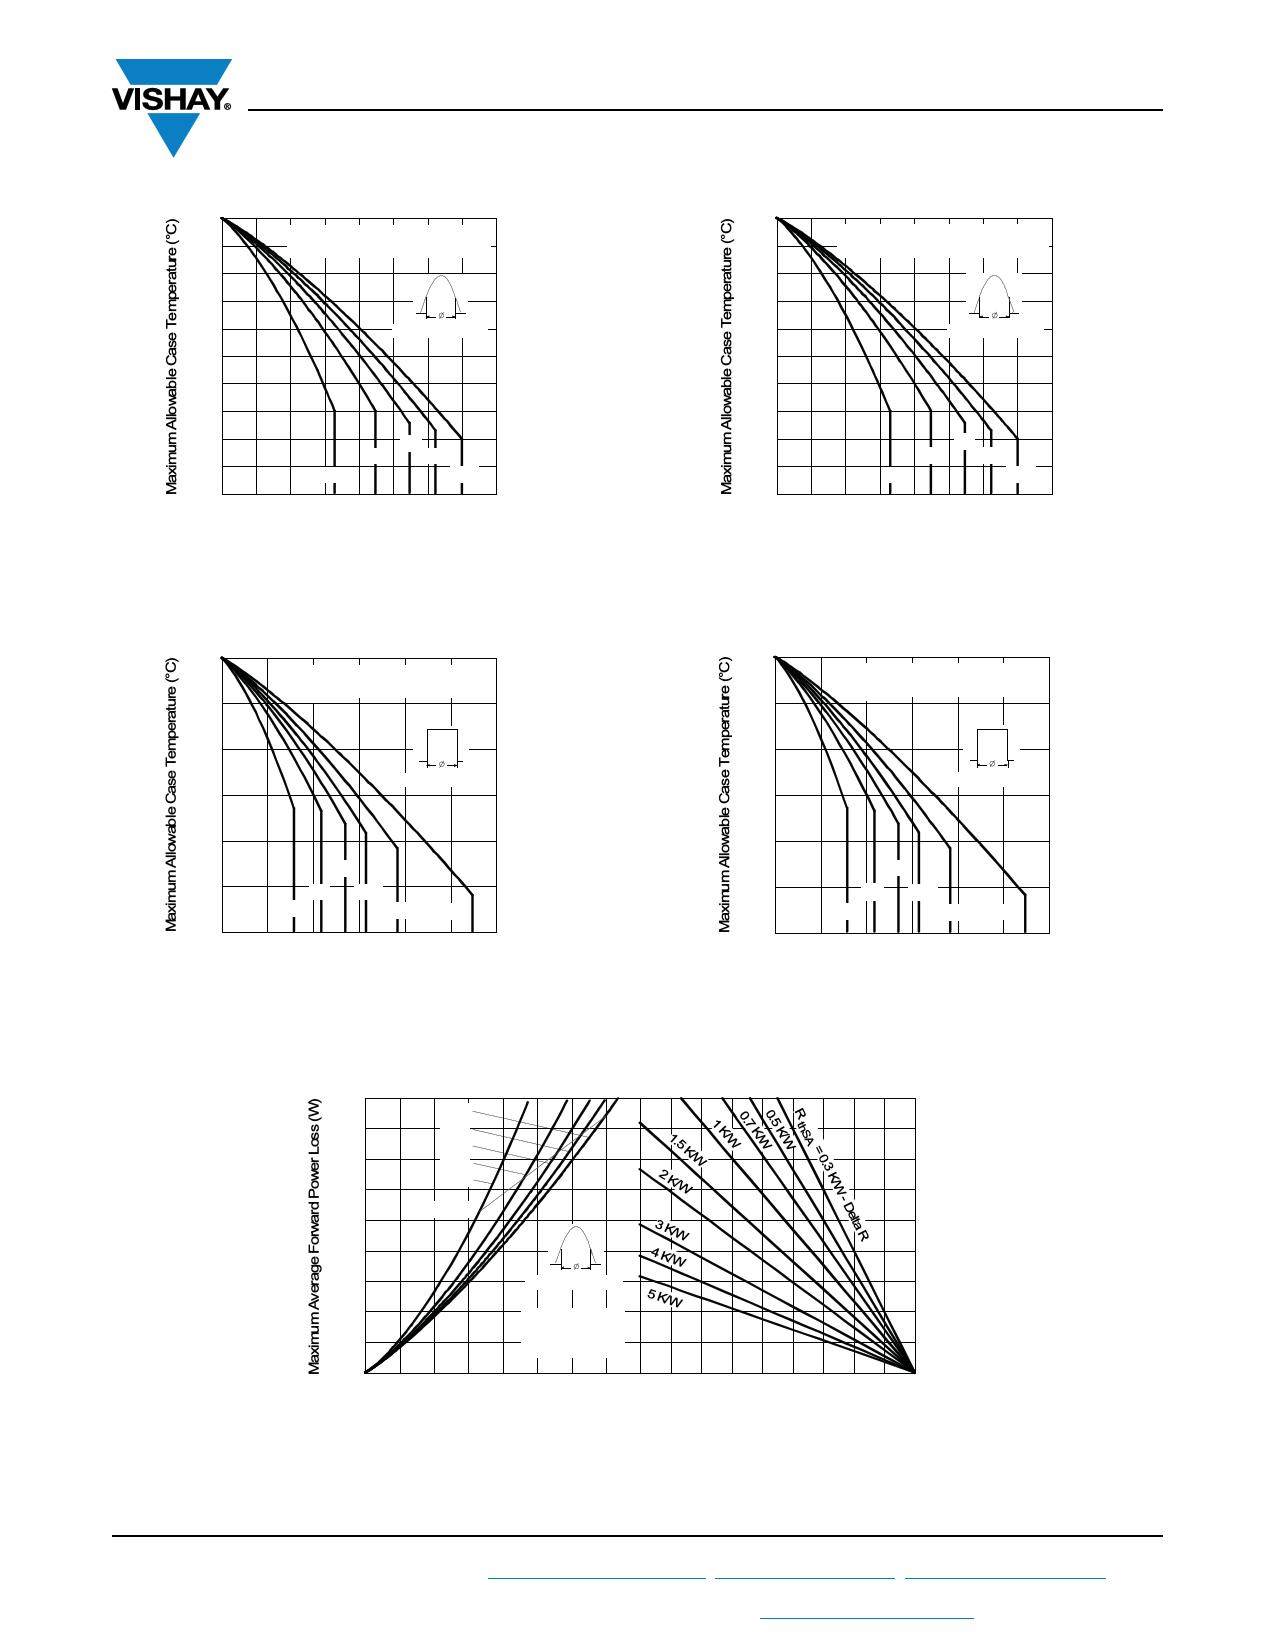 VS-72HFR100 pdf, ピン配列